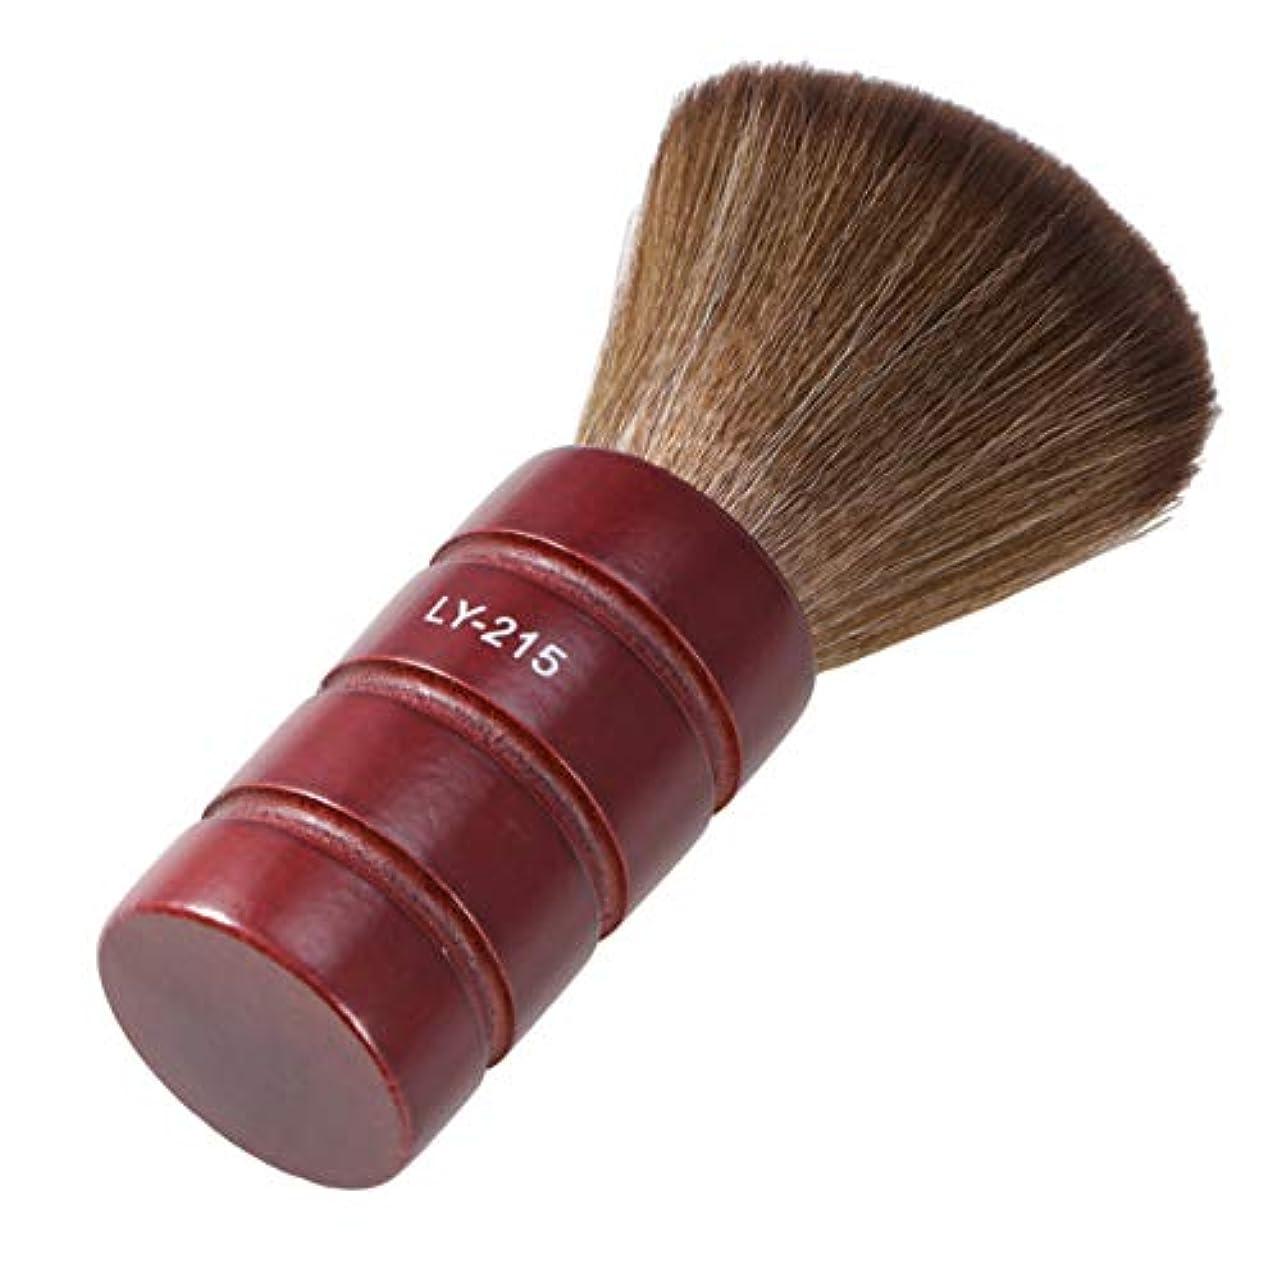 評価雰囲気適用するLurroseプロフェッショナルヘアカットブラシソフトファイバーフェイスネックダスターブラシ理髪サロン理容ツール